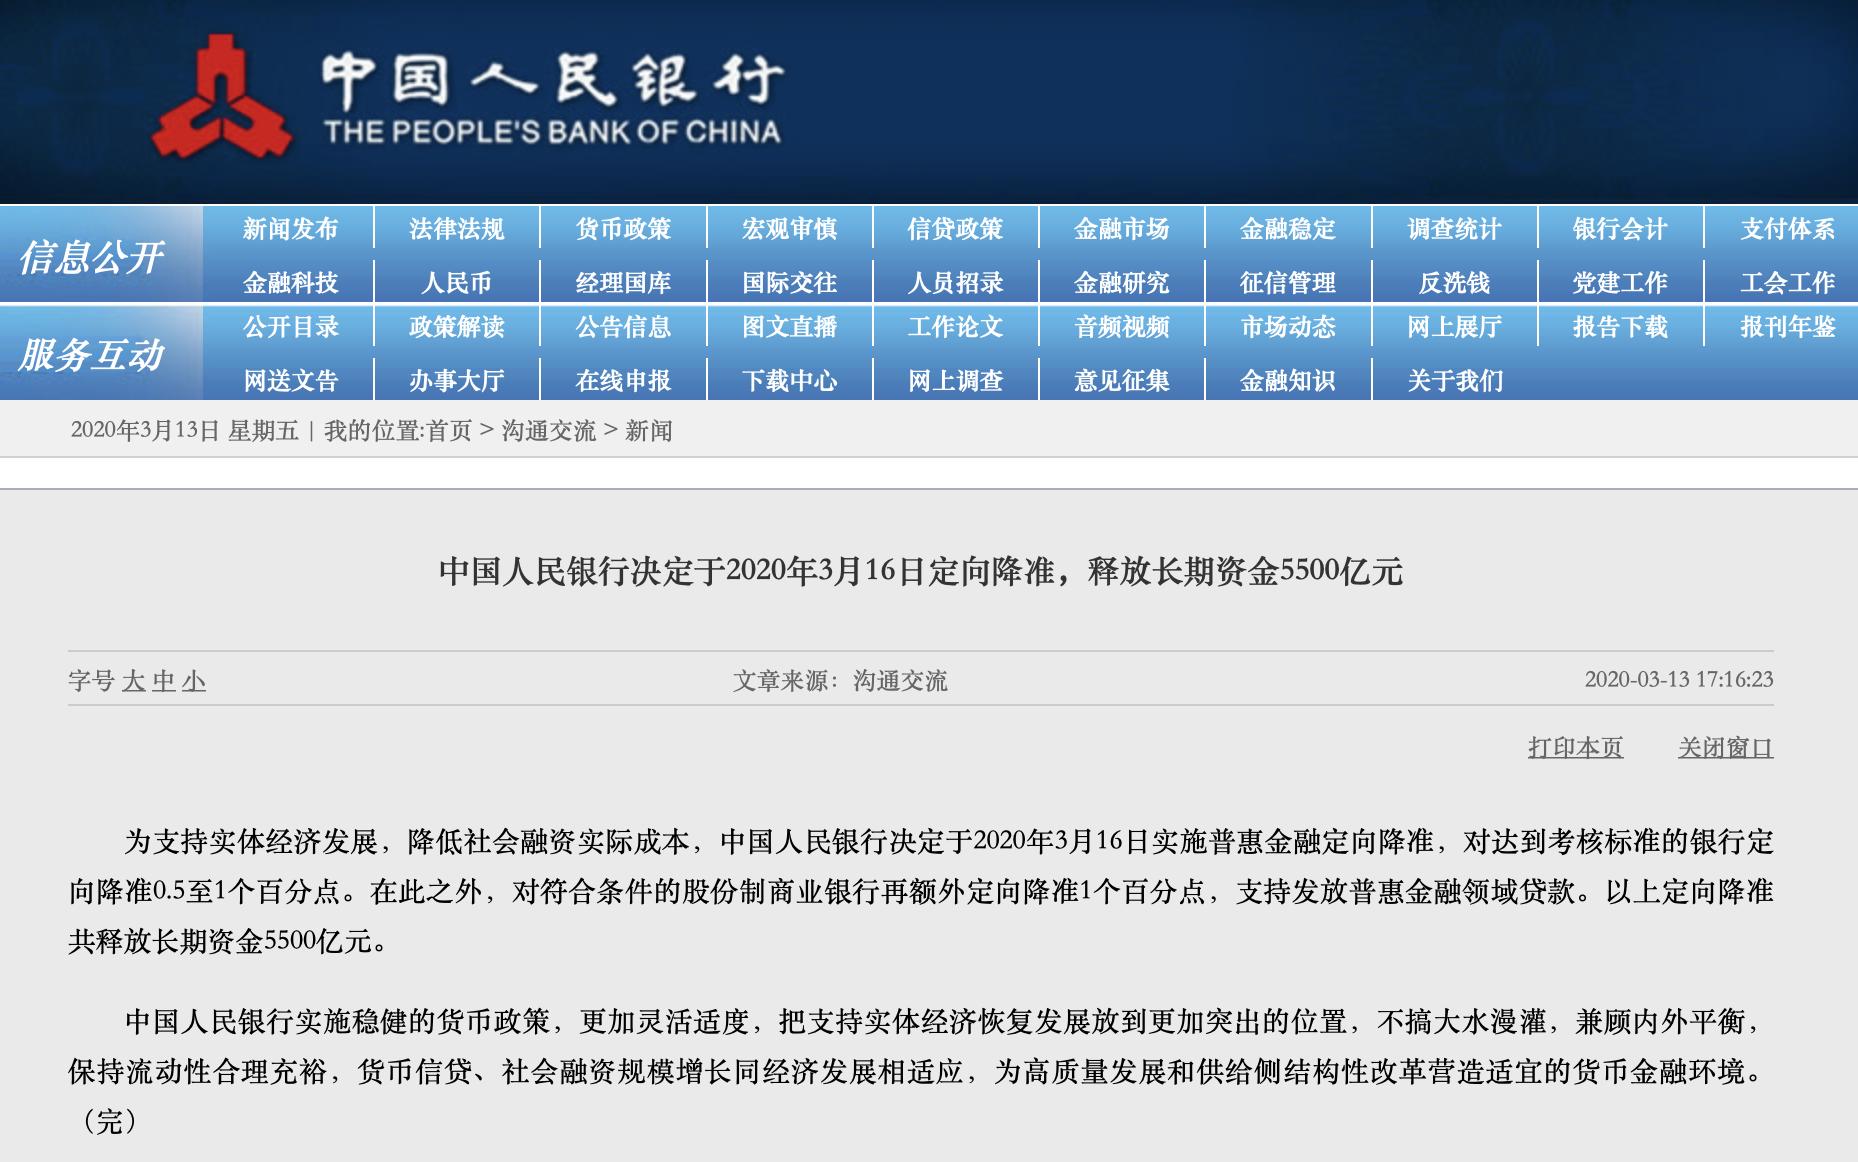 央行决定于2020年3月16日定向降准,释放长期资金5500亿元